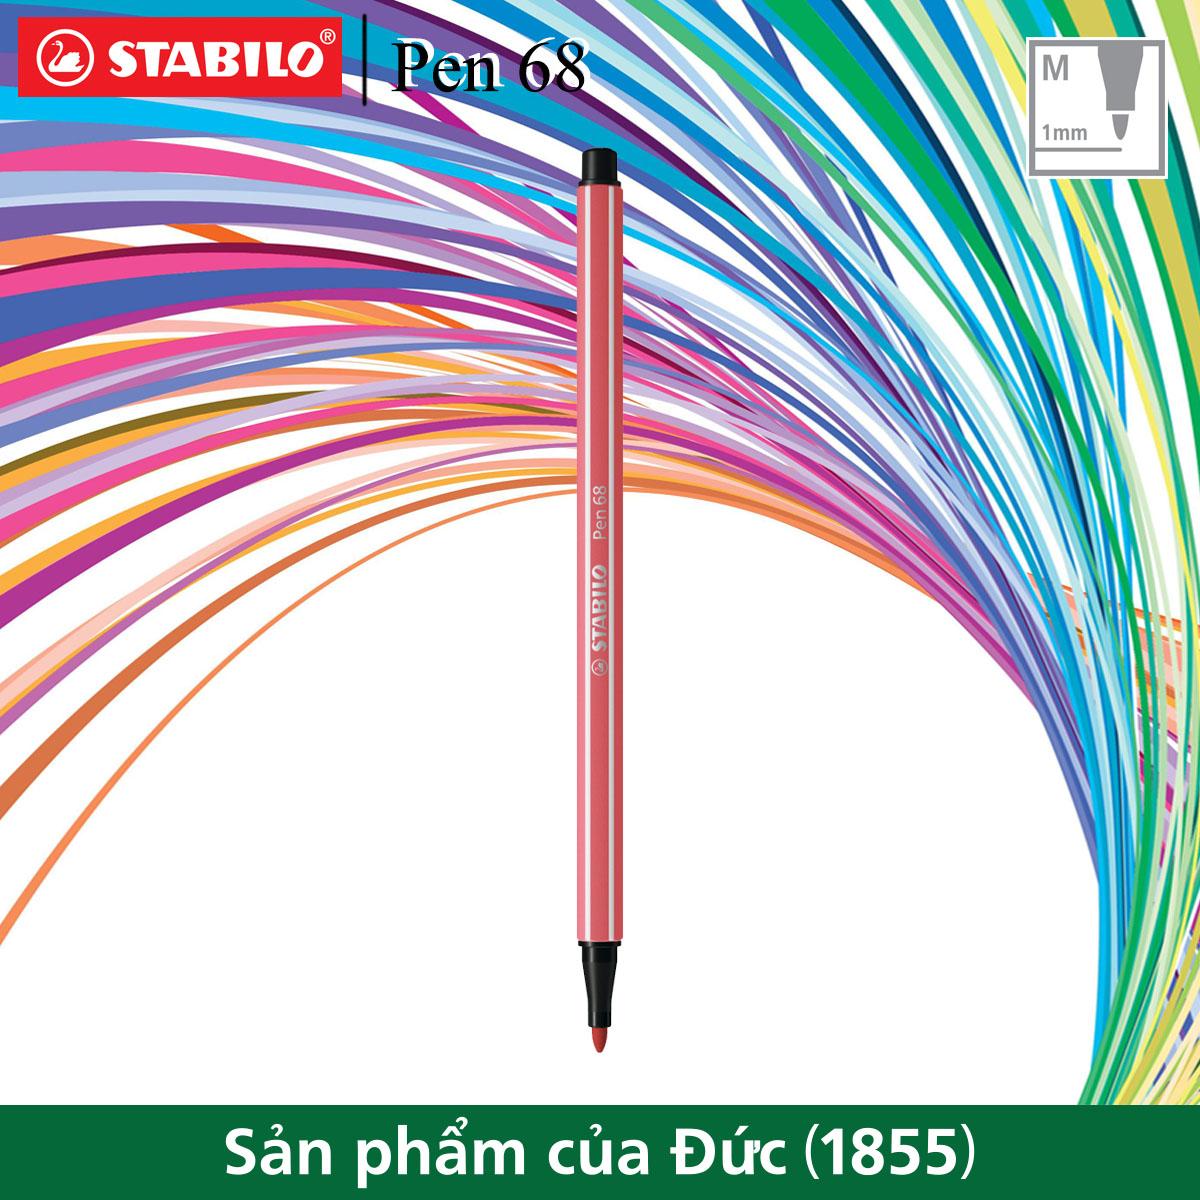 Bút lông STABILO Pen 68 1.0mm màu đỏ rỉ sét phấn (PN68-47)